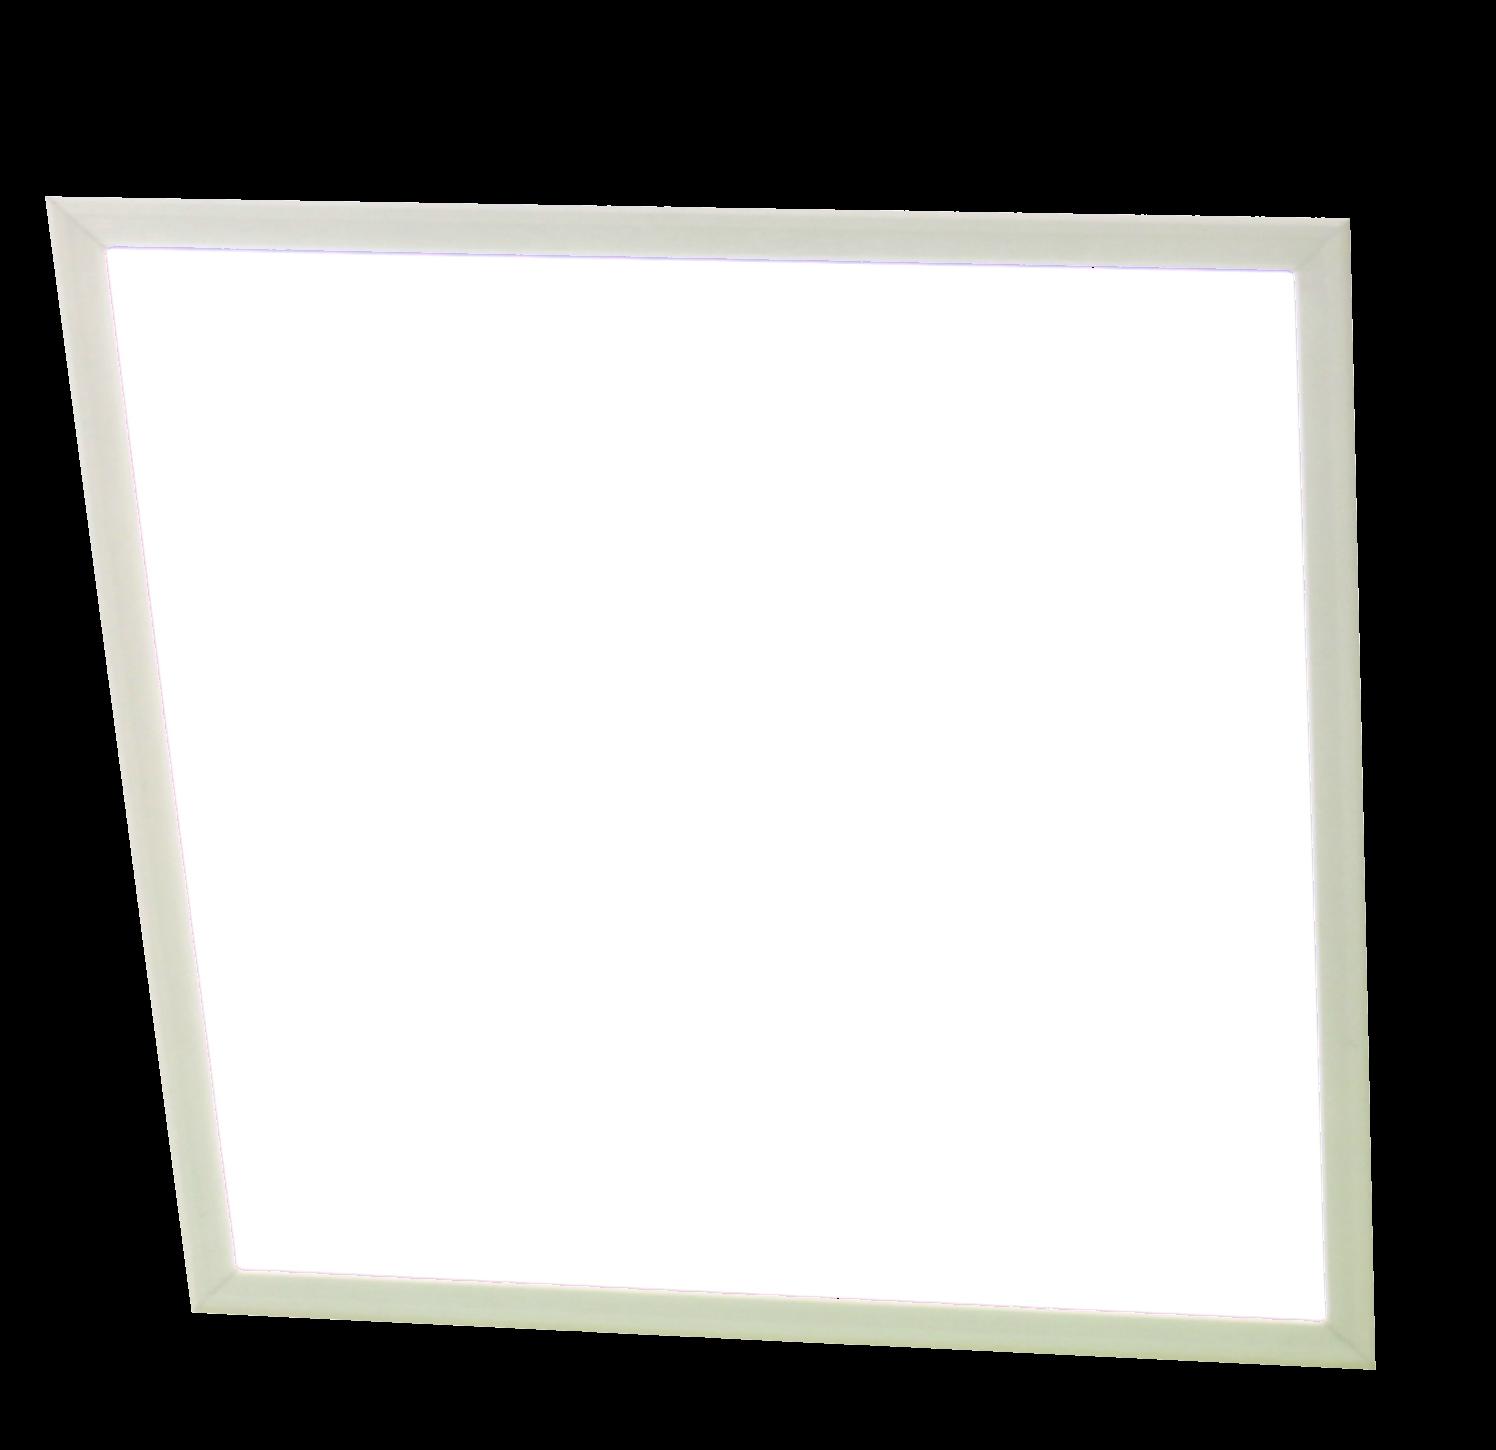 panel_600